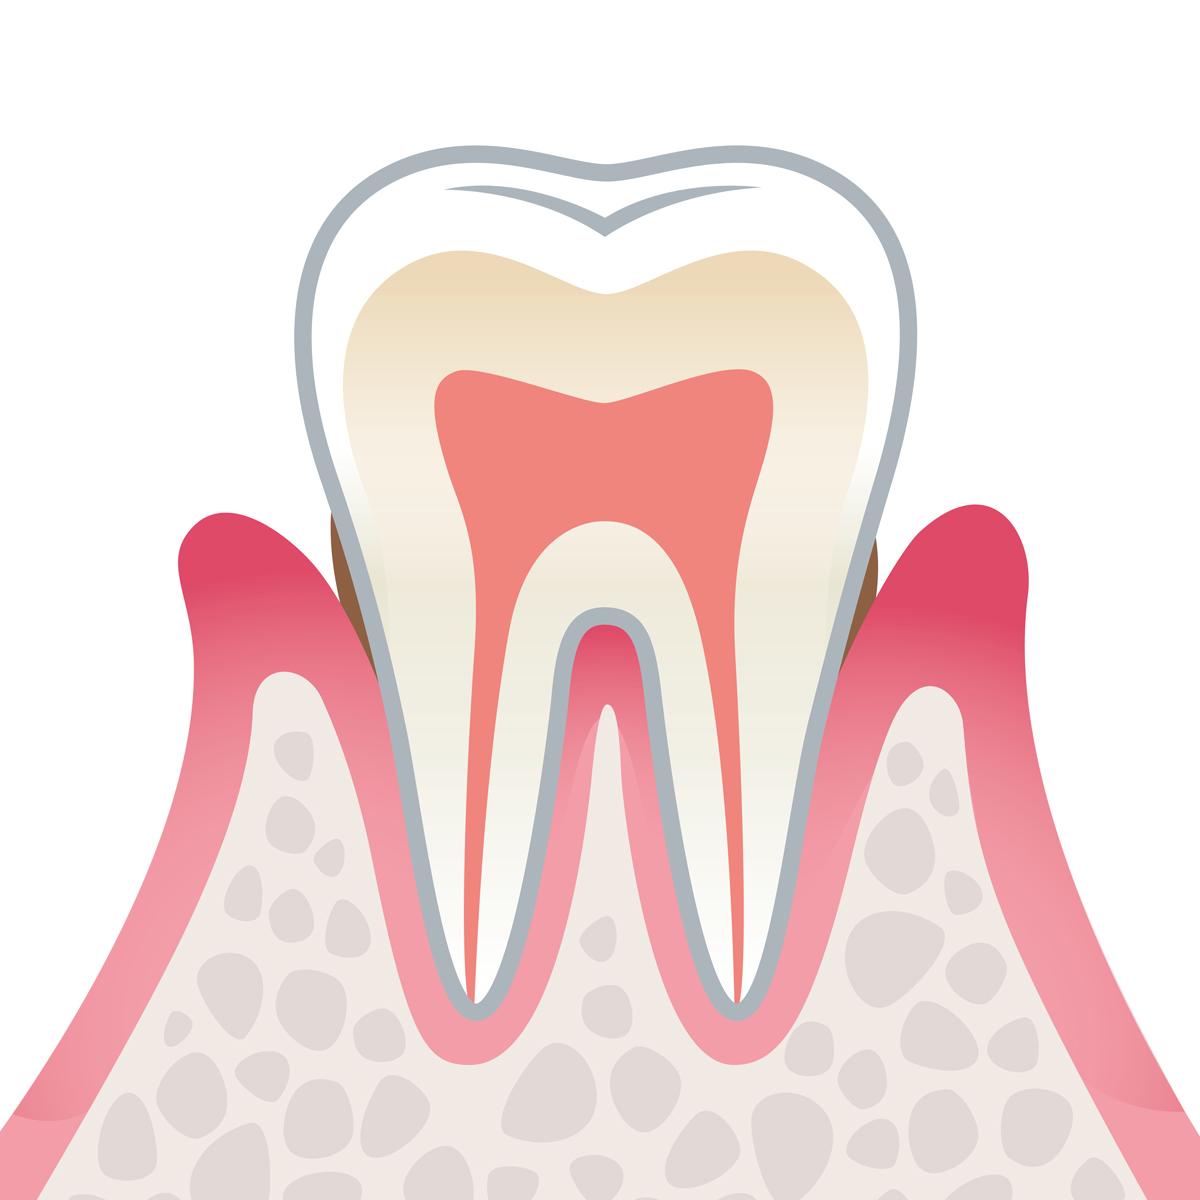 岡山県瀬戸内市内の歯医者 おさふねフレンド歯科 歯周病 軽度歯周病